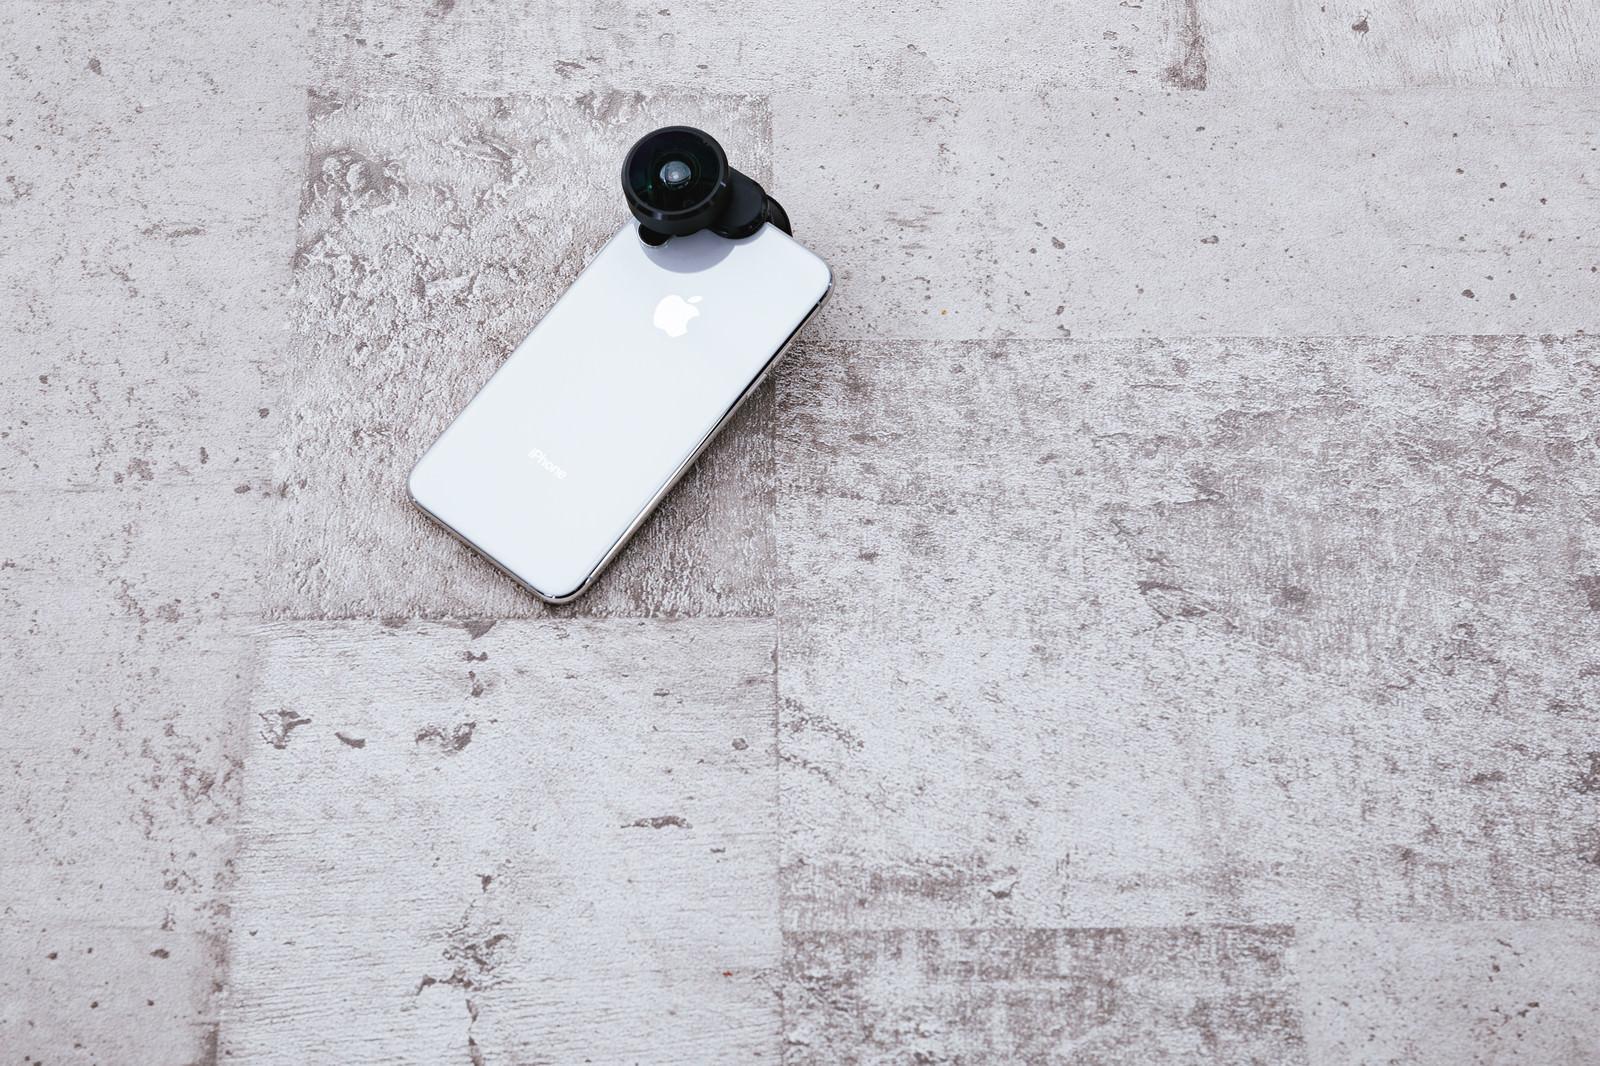 「スマホに取り付けた360度カメラ」の写真